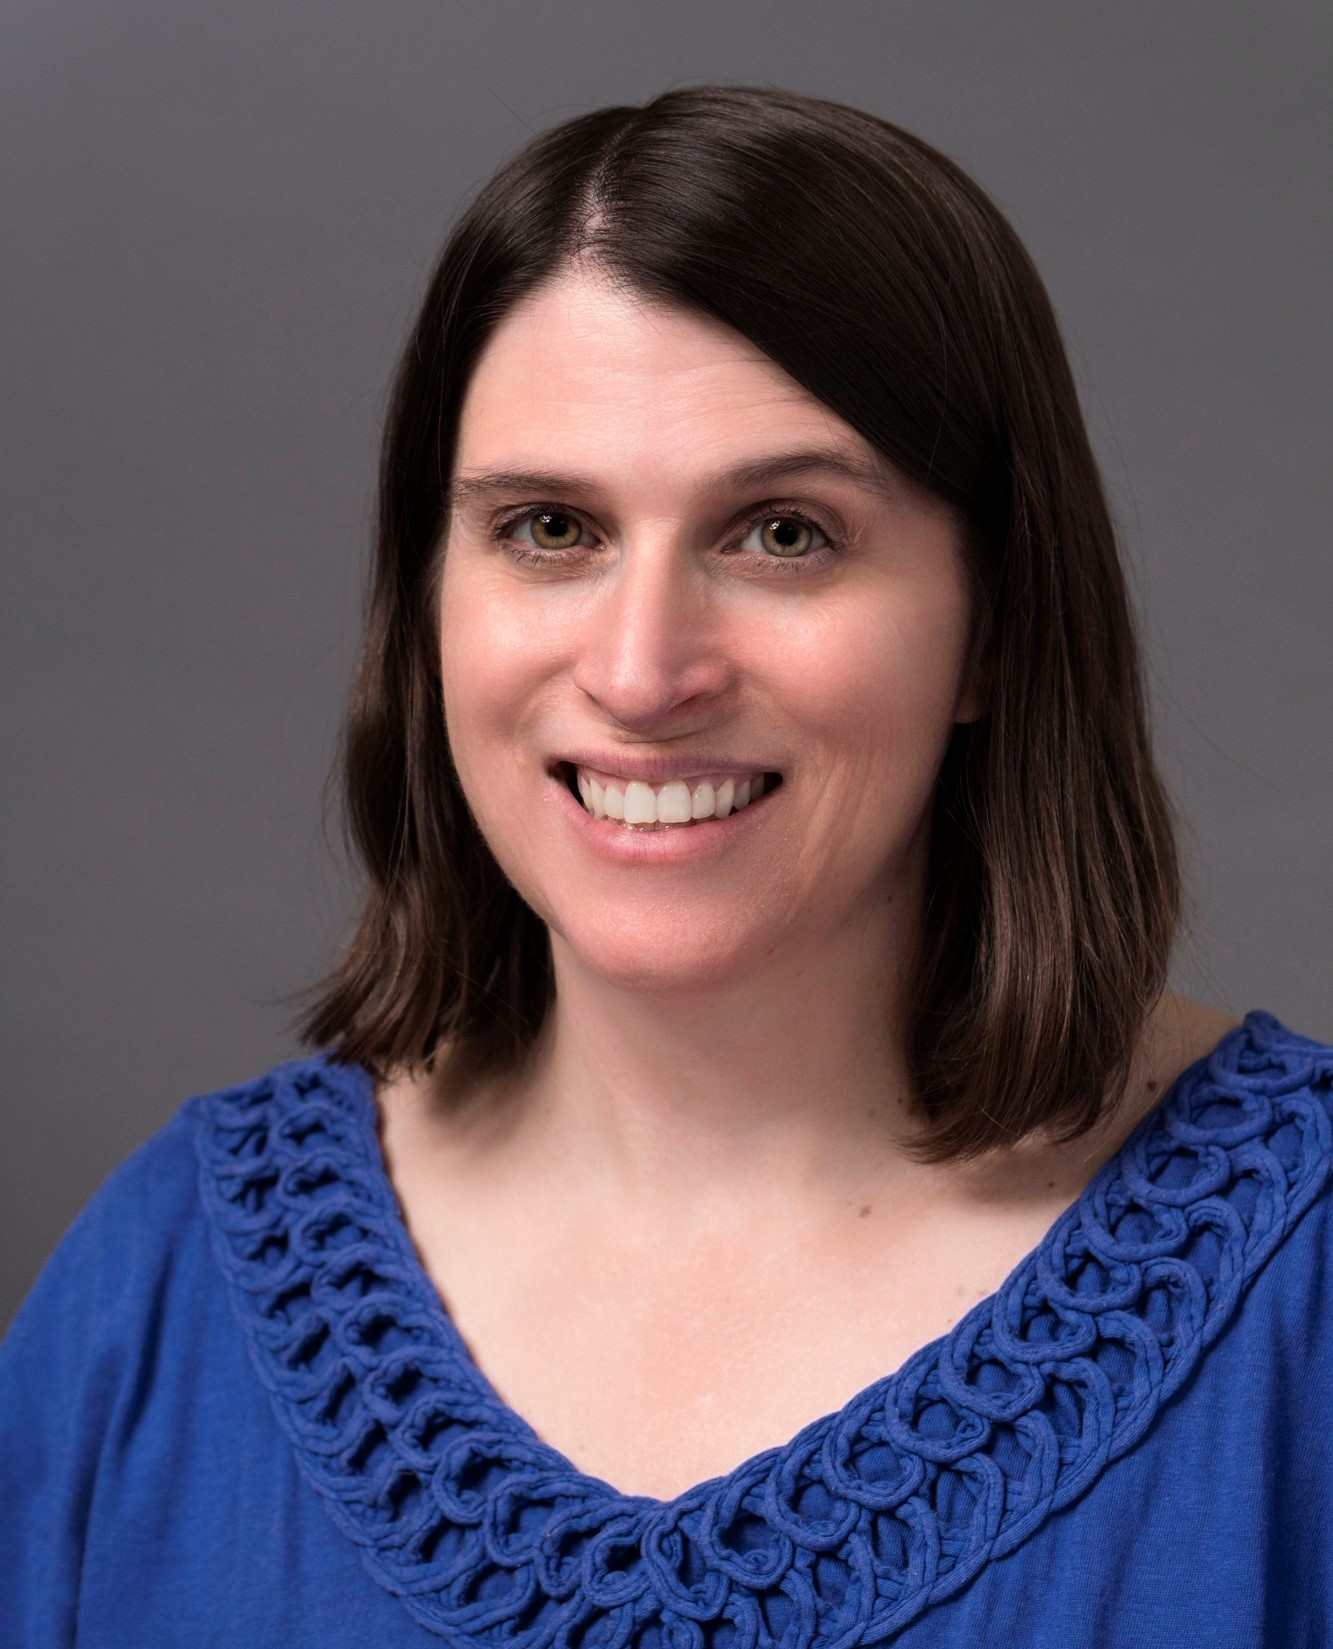 Profile photo of Eileen Harrington